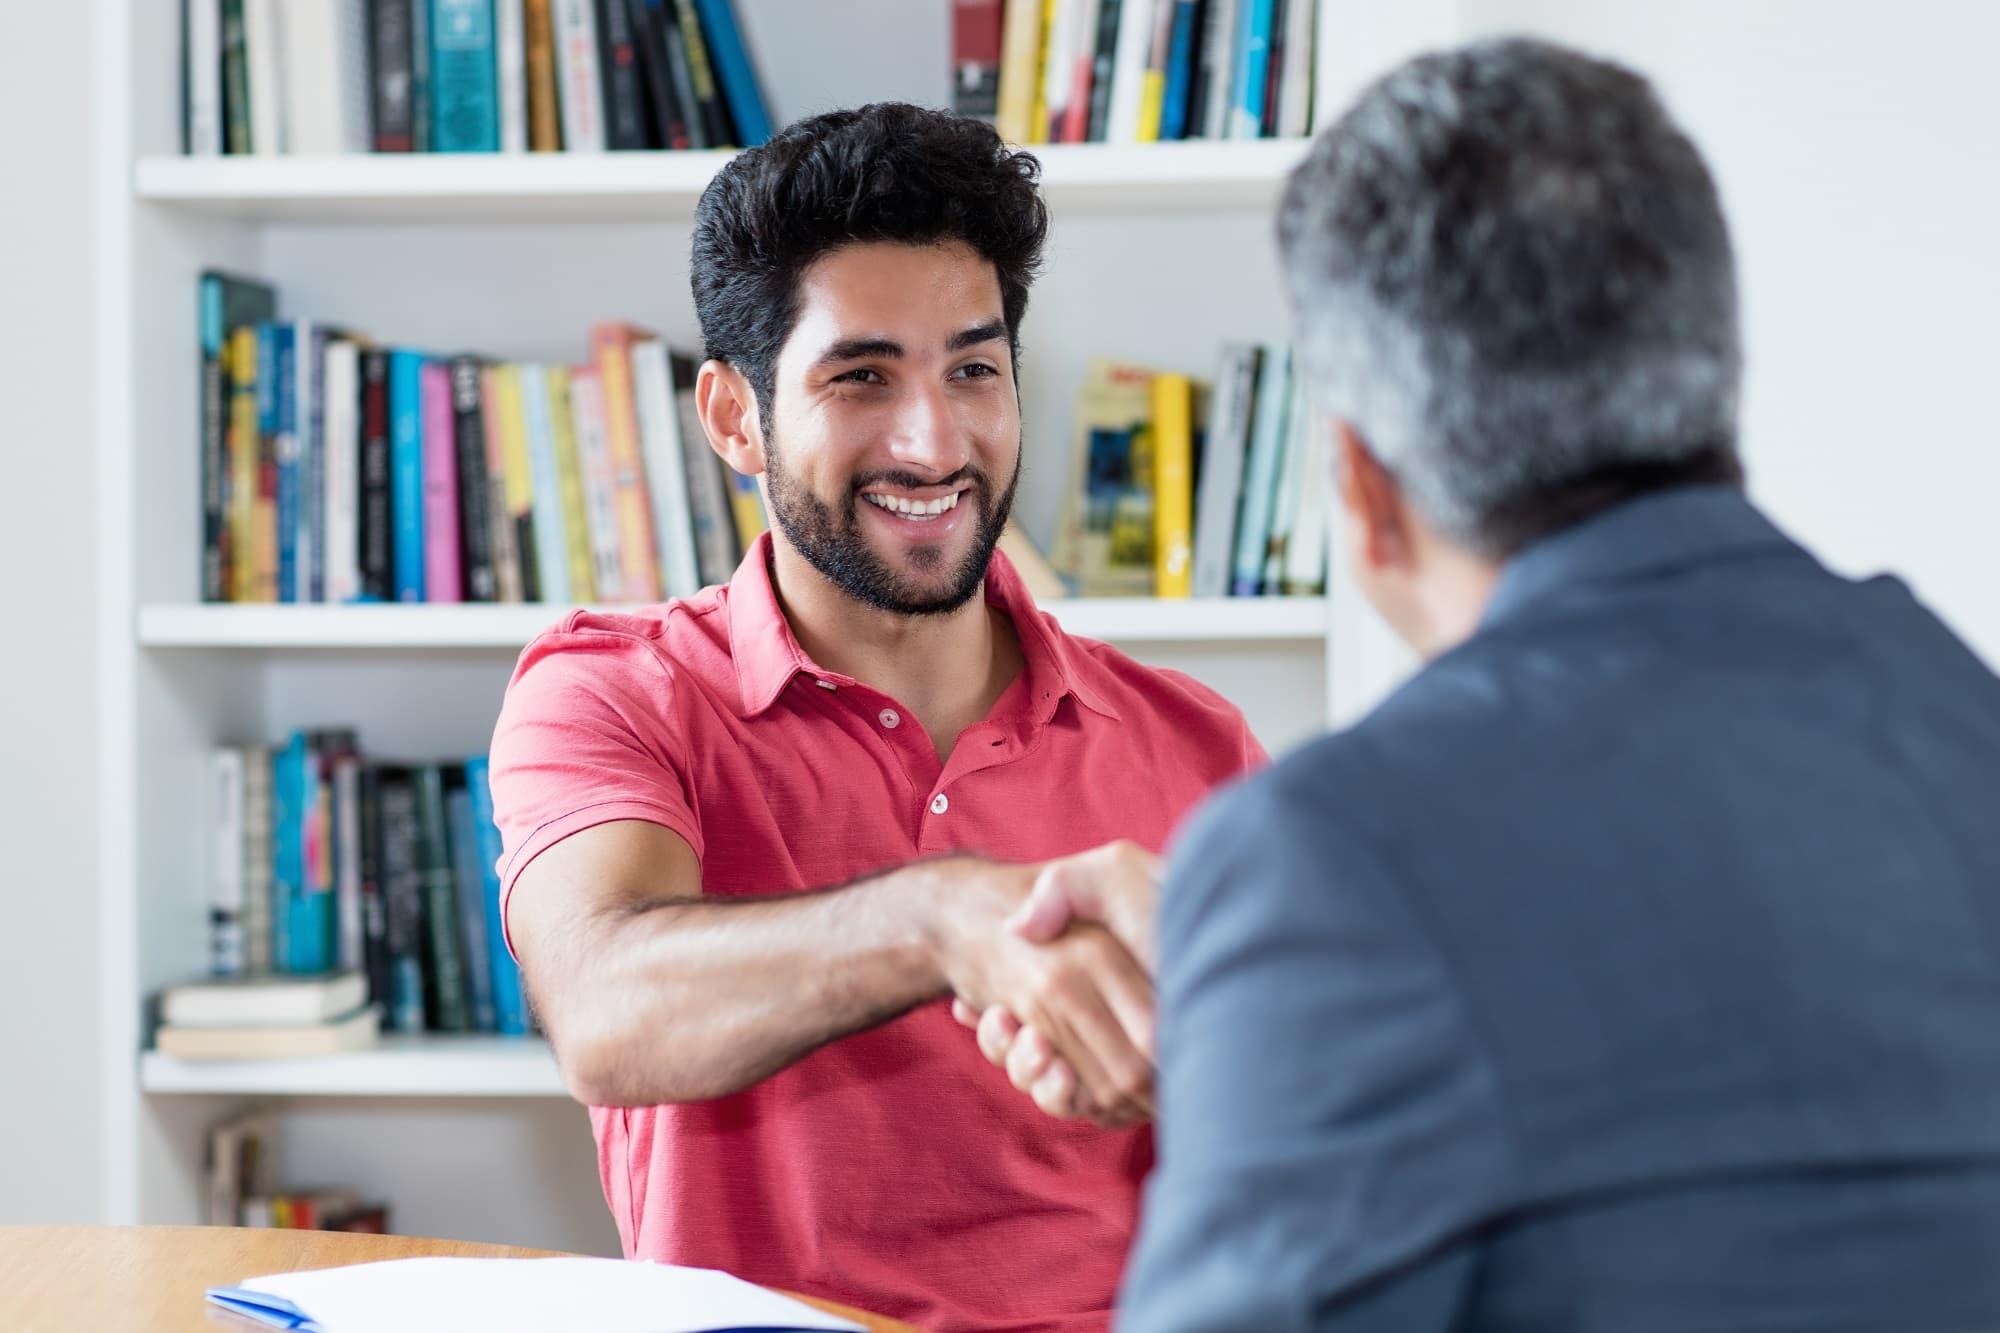 Handschlag nach Bewerbungsgespräch